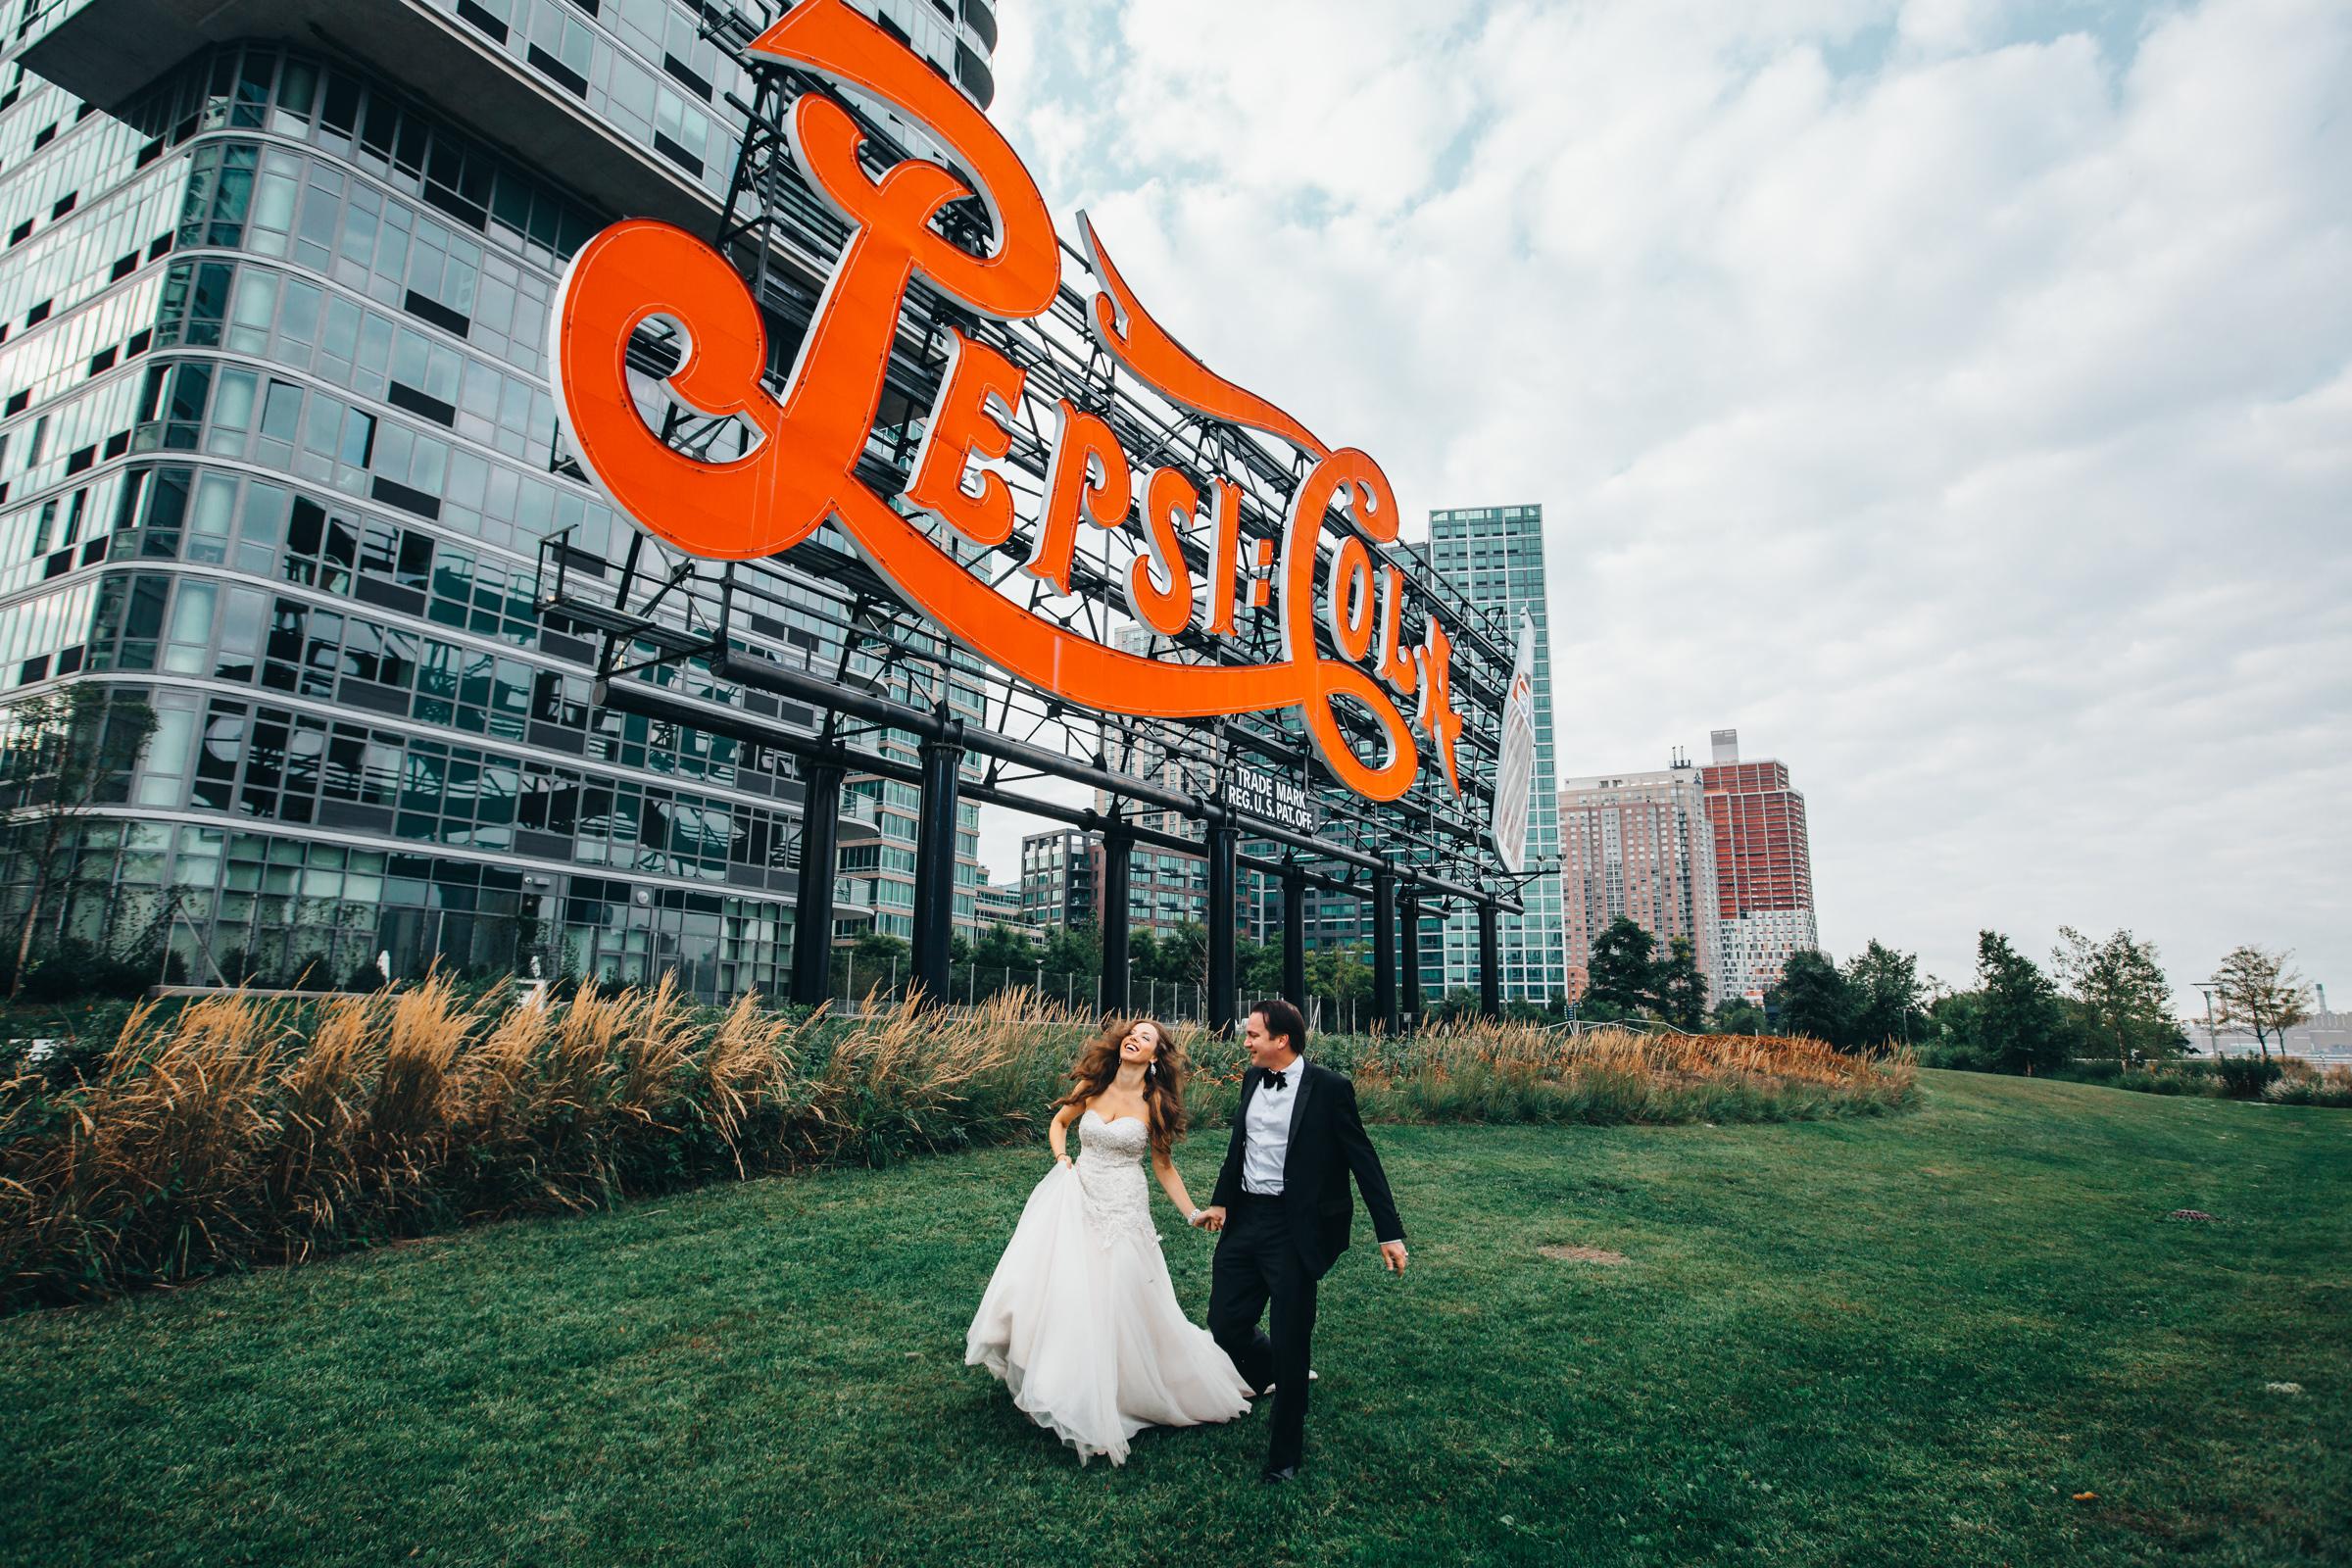 New York Wedding Photographer Boris Zaretsky Boris_Zaretsky_Photography__B2C6379 copy.jpg